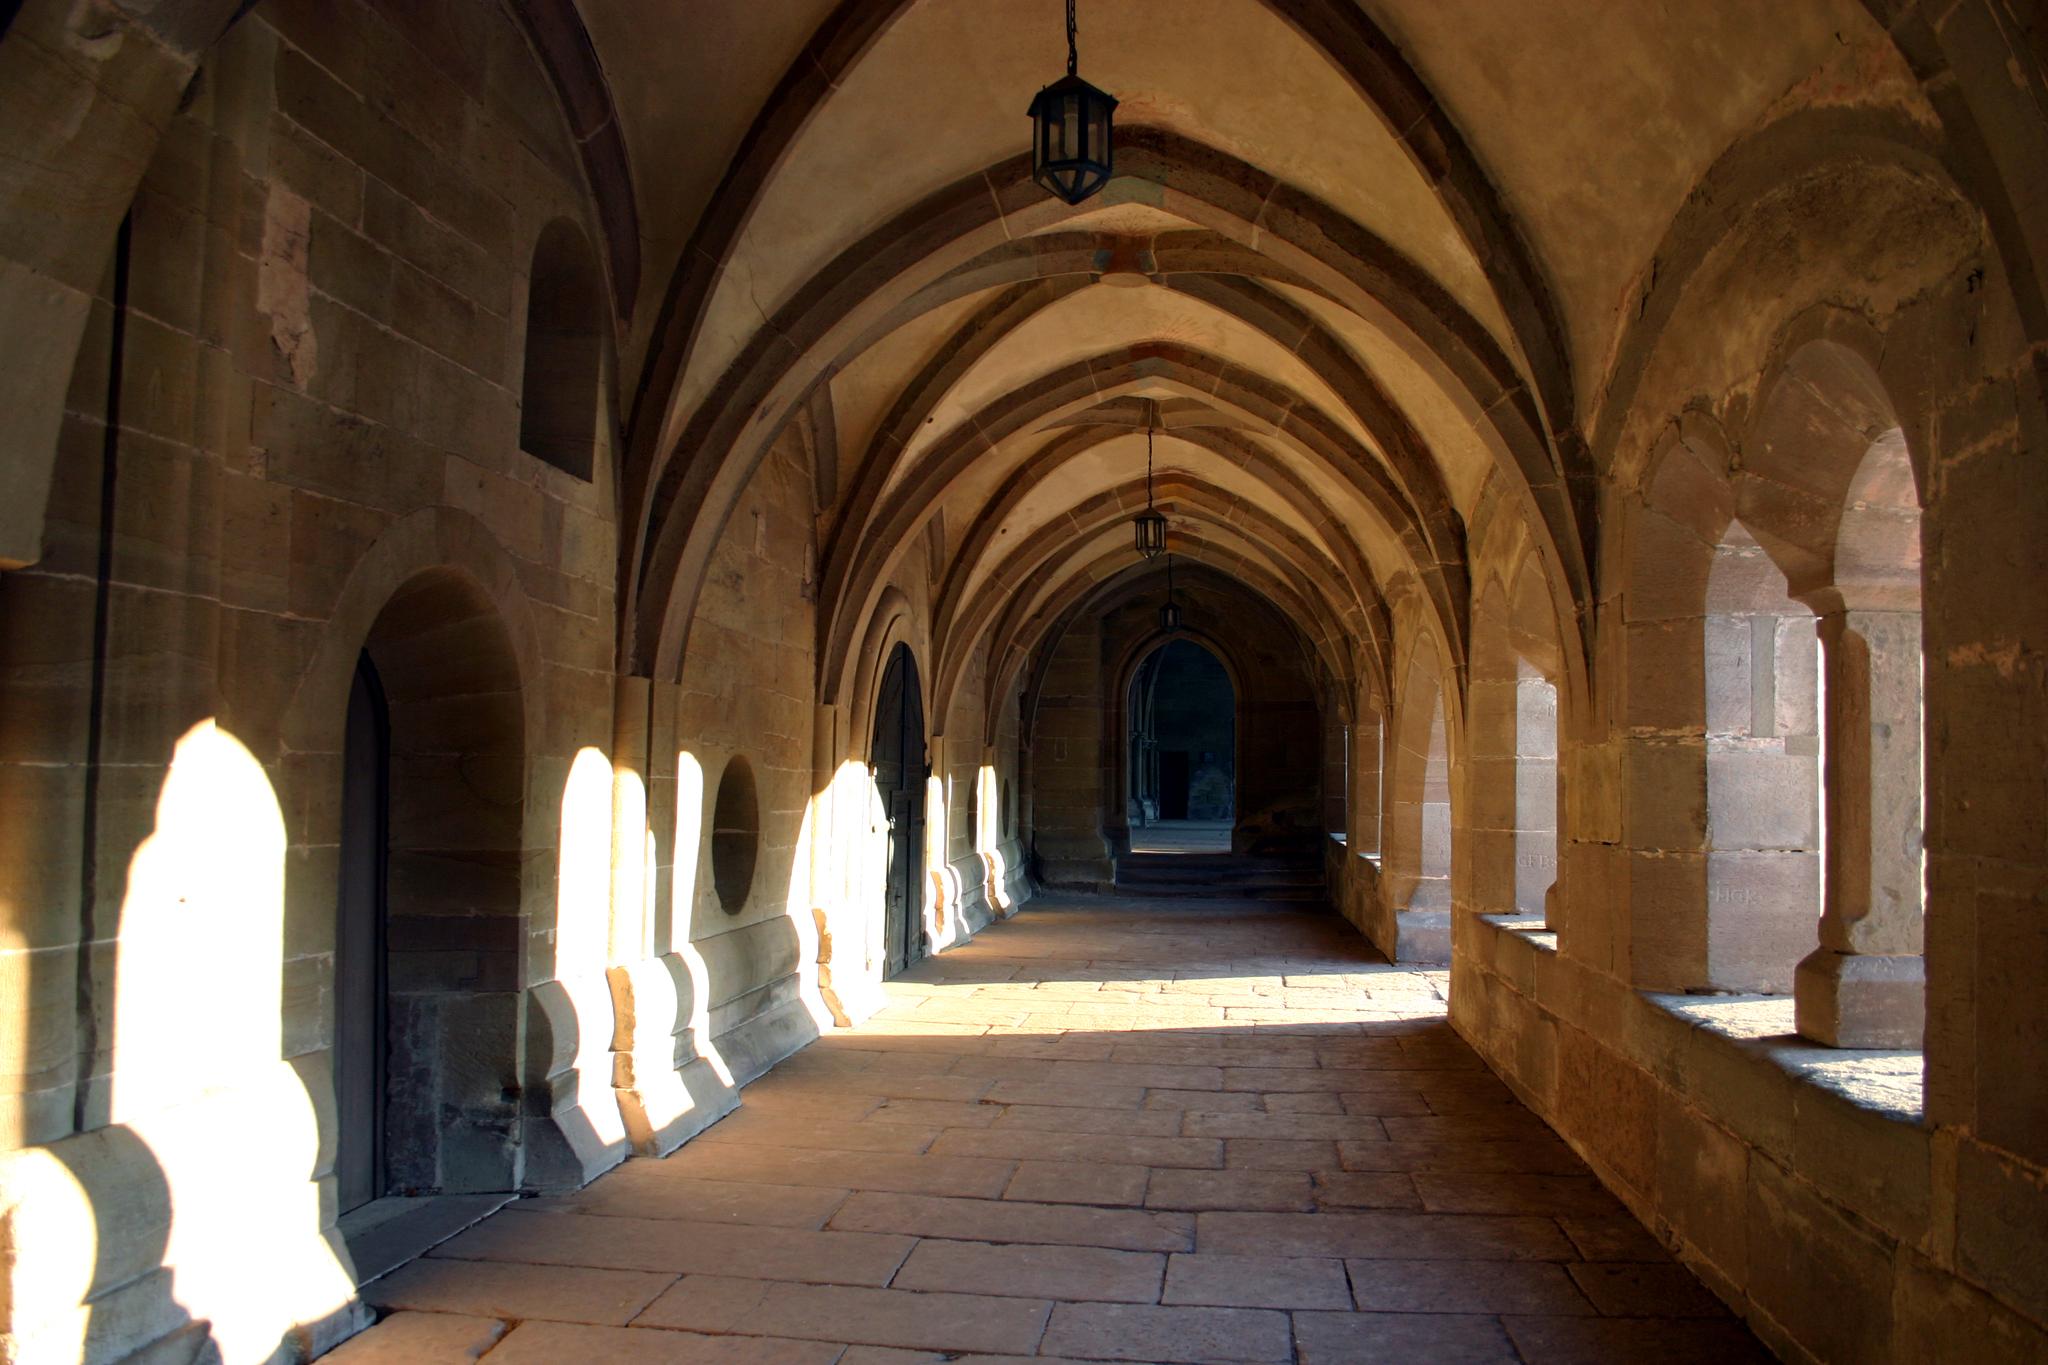 The Billettes Cloister Paris last medieval cloister